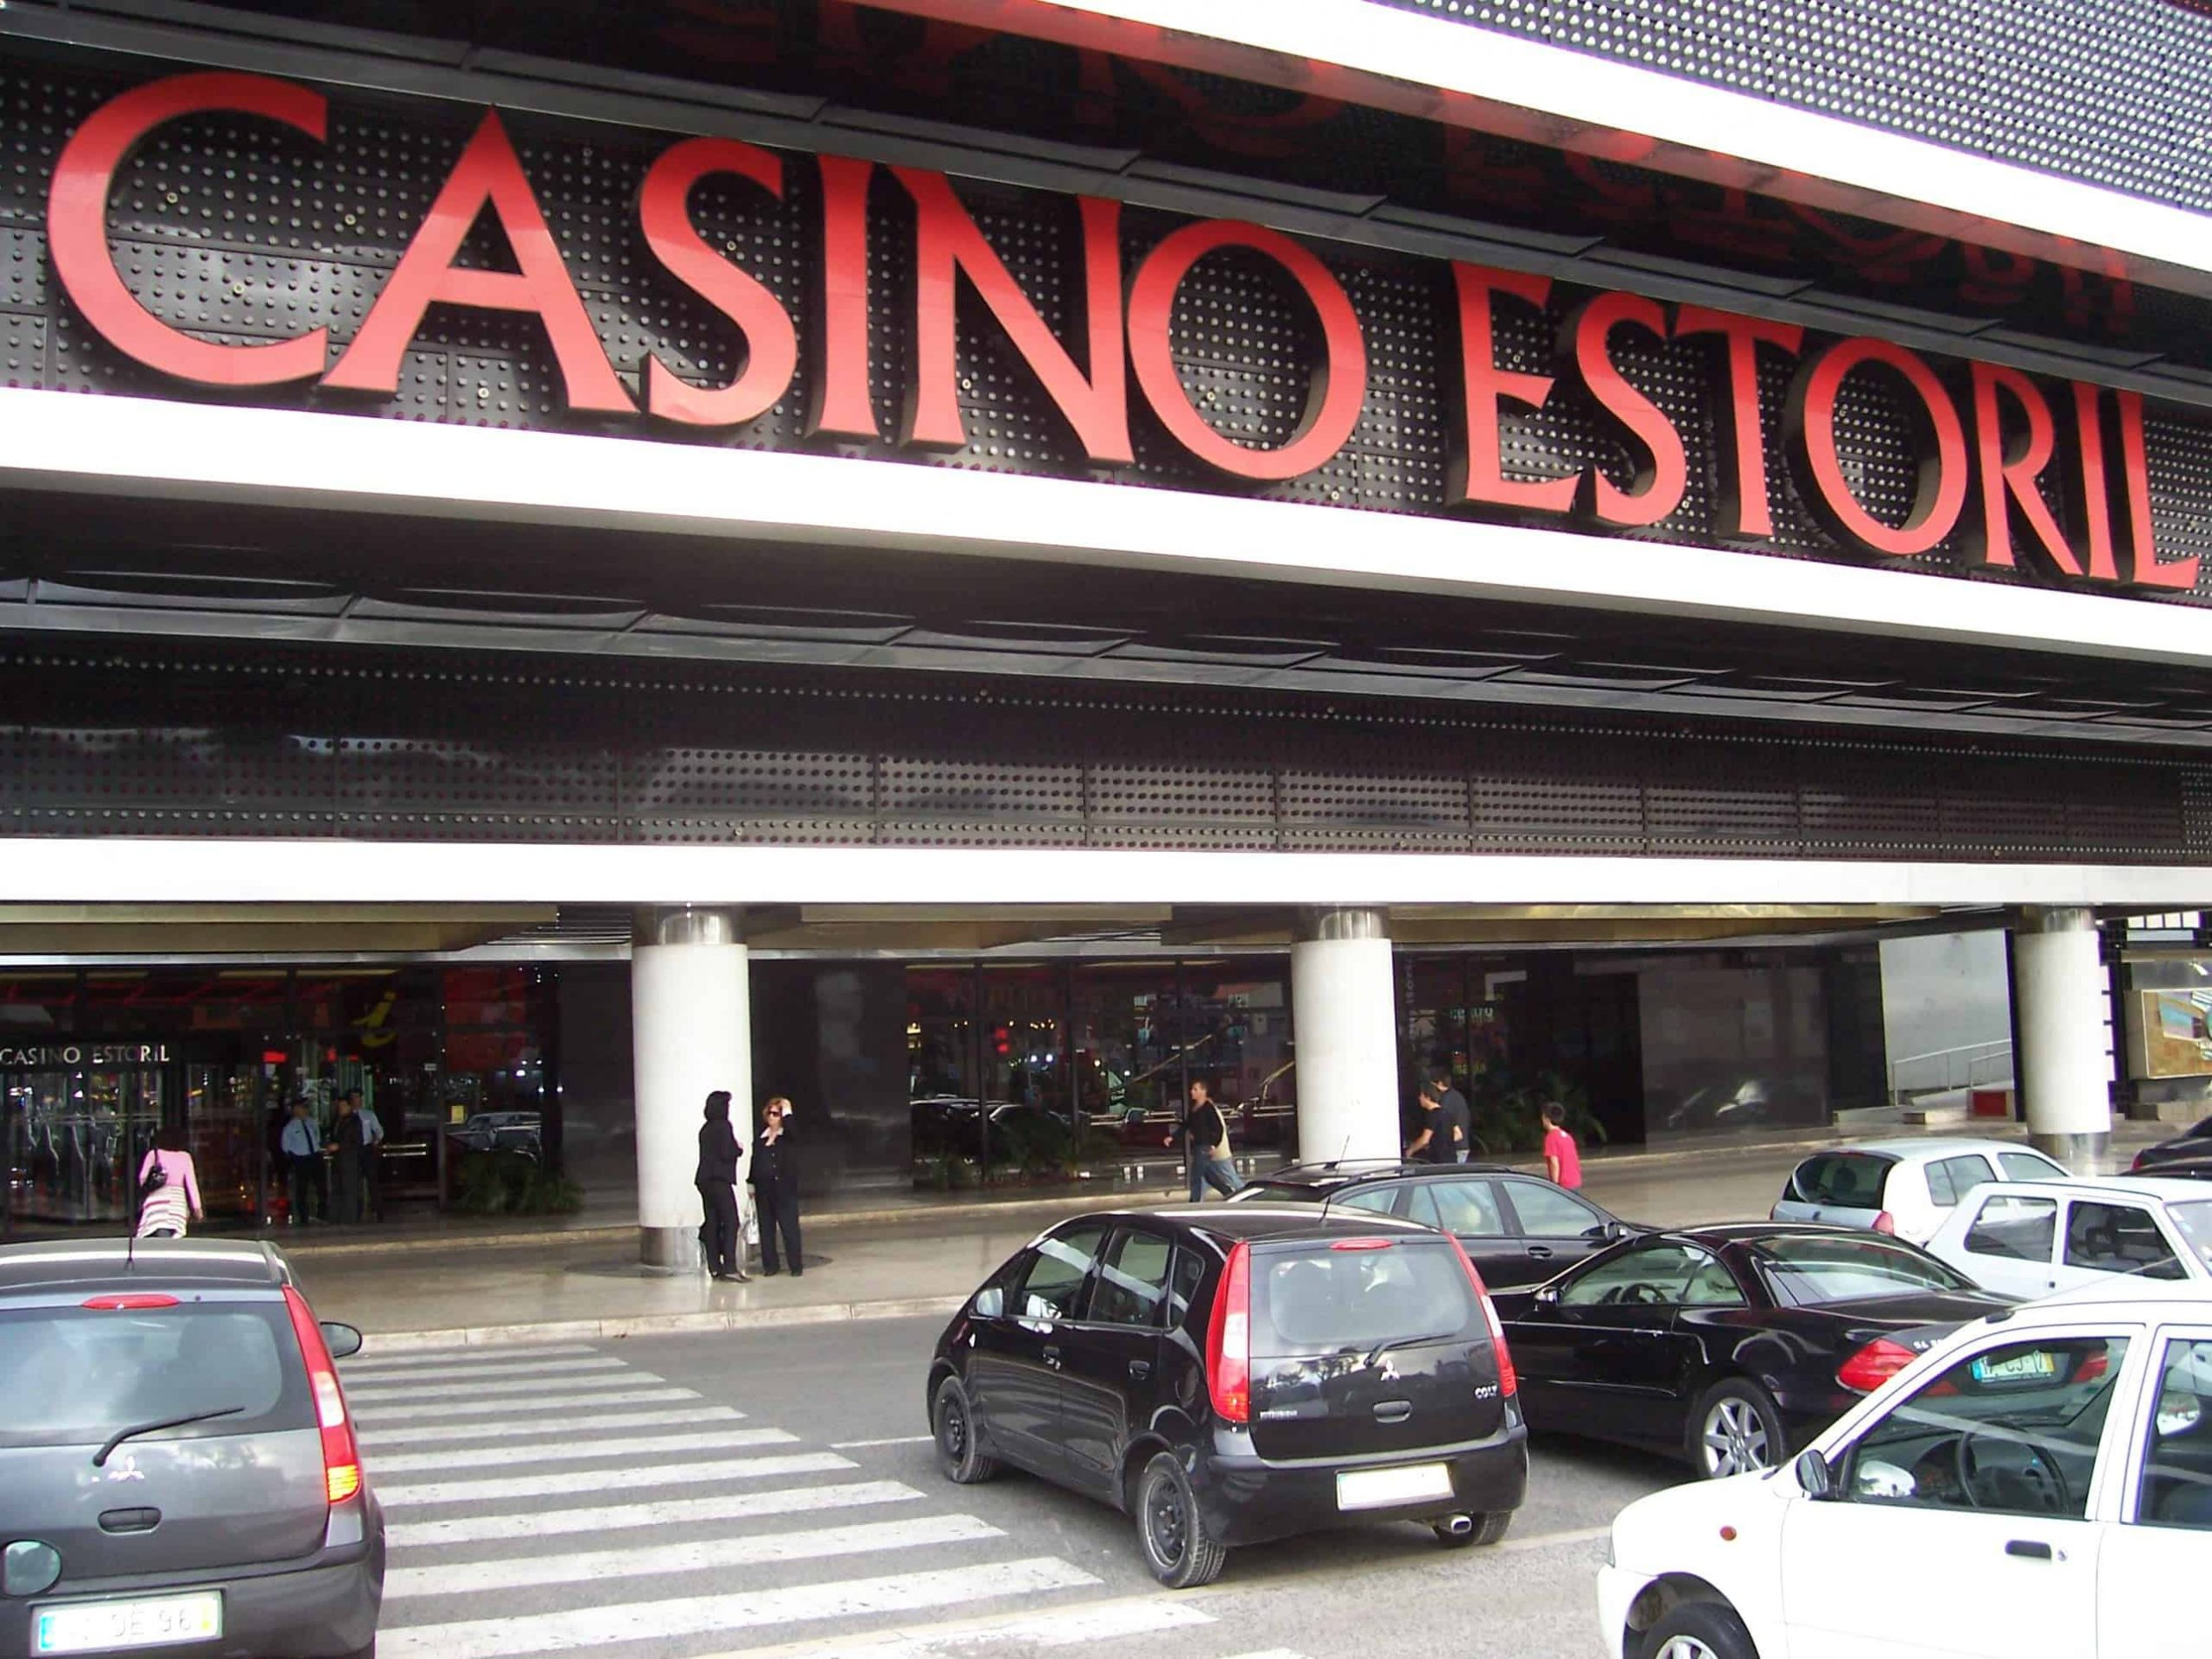 cassino portugal